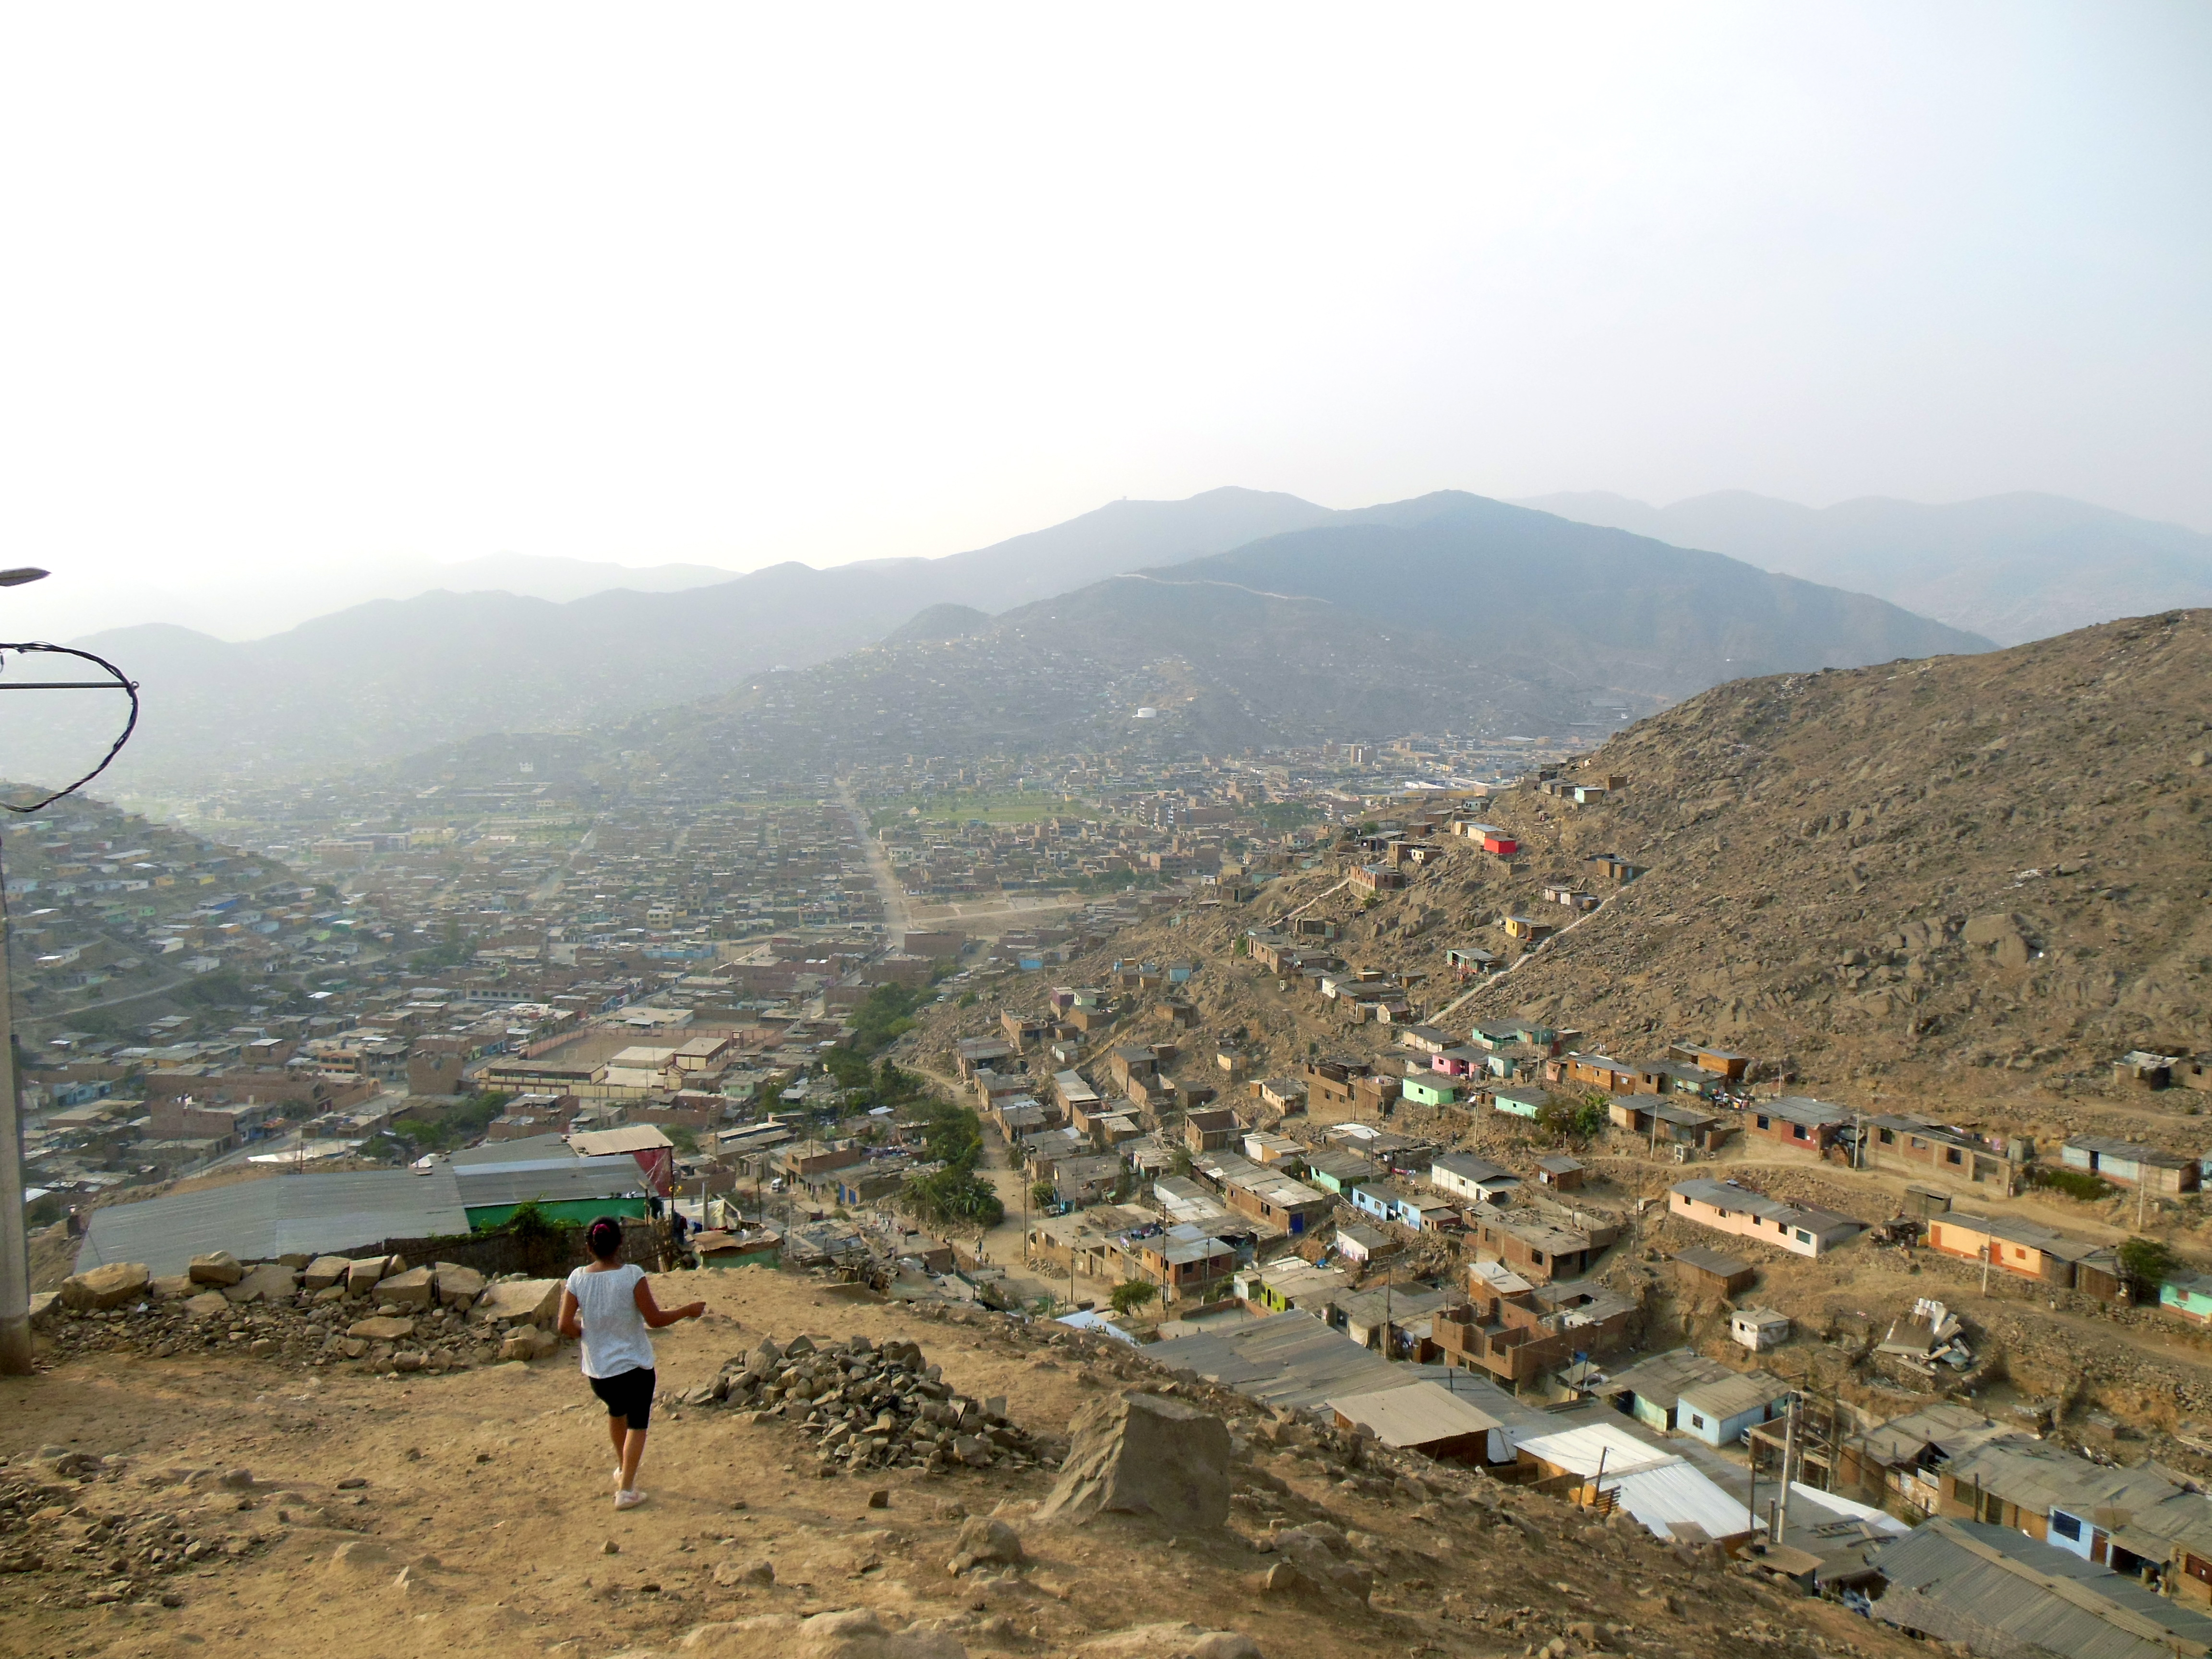 Paysage urbain et inégalités : le cas de Lima